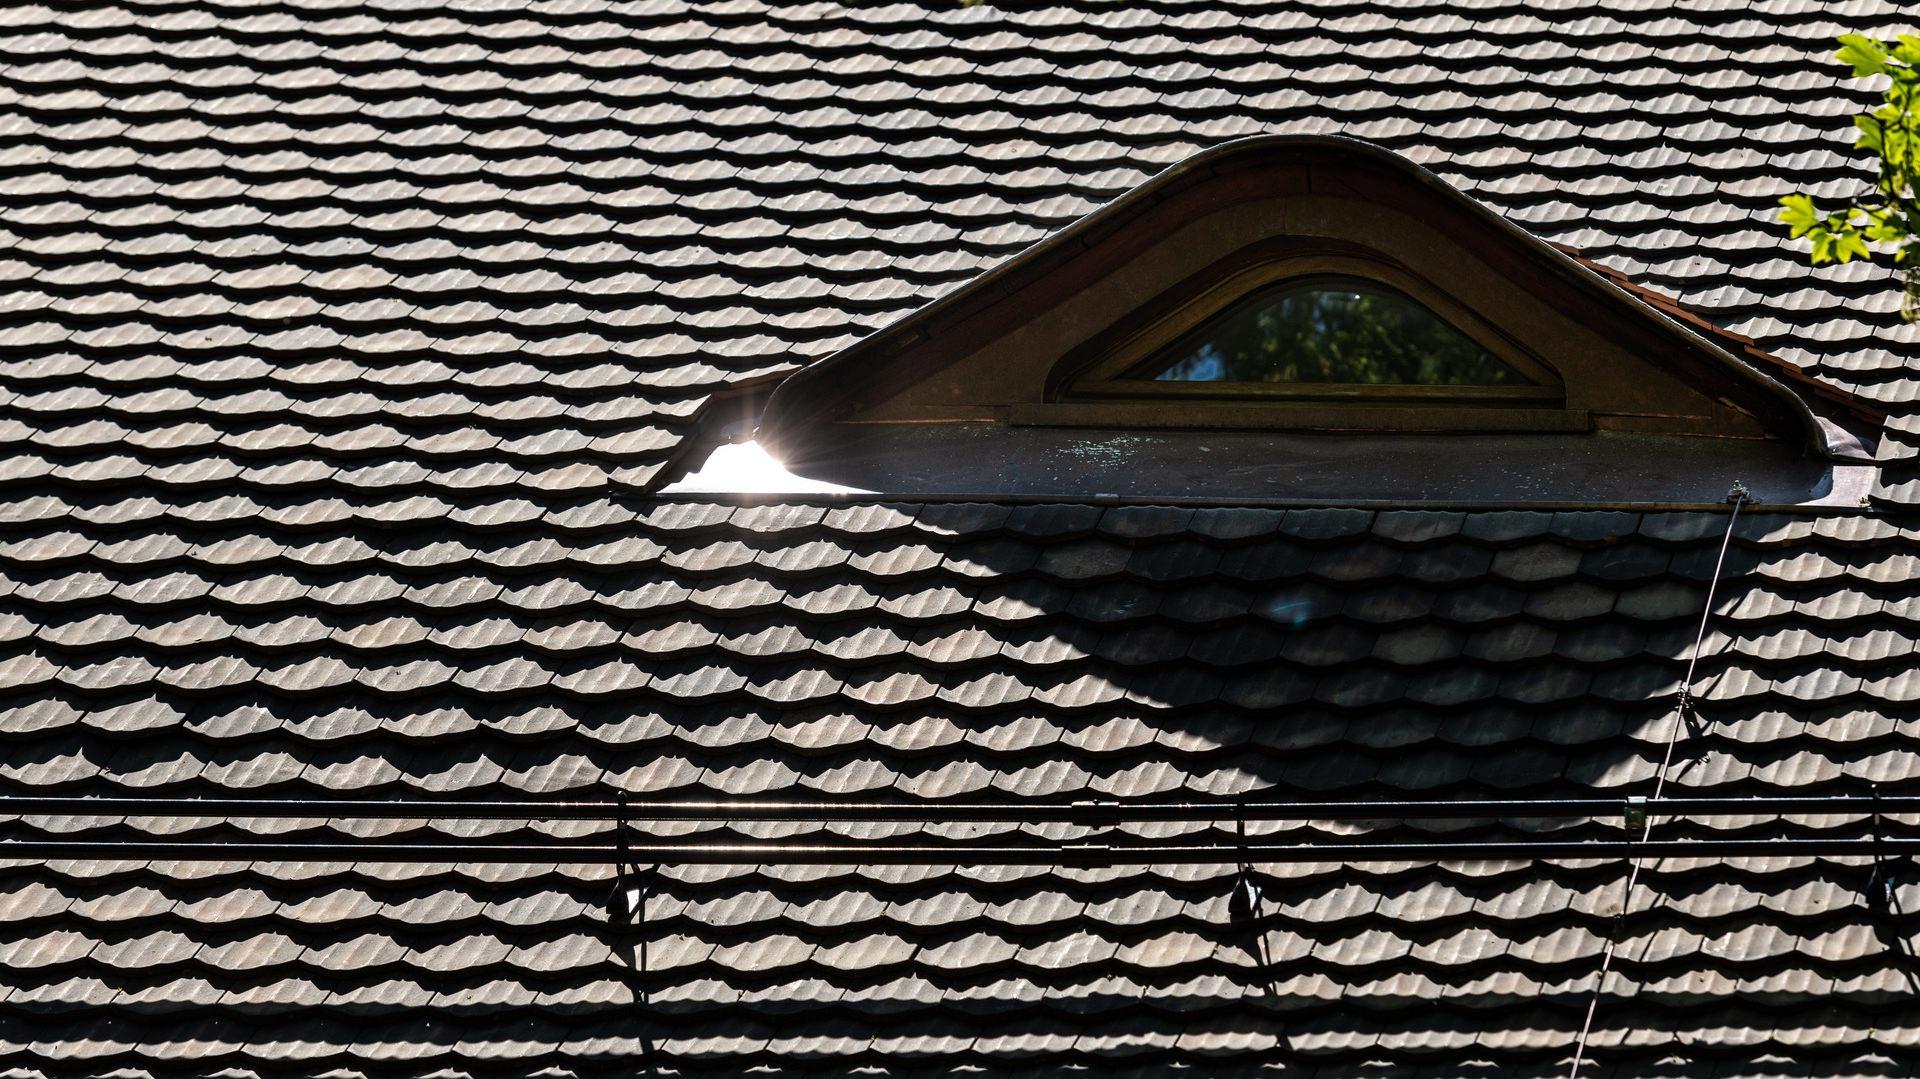 ENSR Lausanne Dachsanierung 2019 mit Biberschwanzziegel 17/38 l'ancienne altbraun nuanciert von Gasser Ceramic